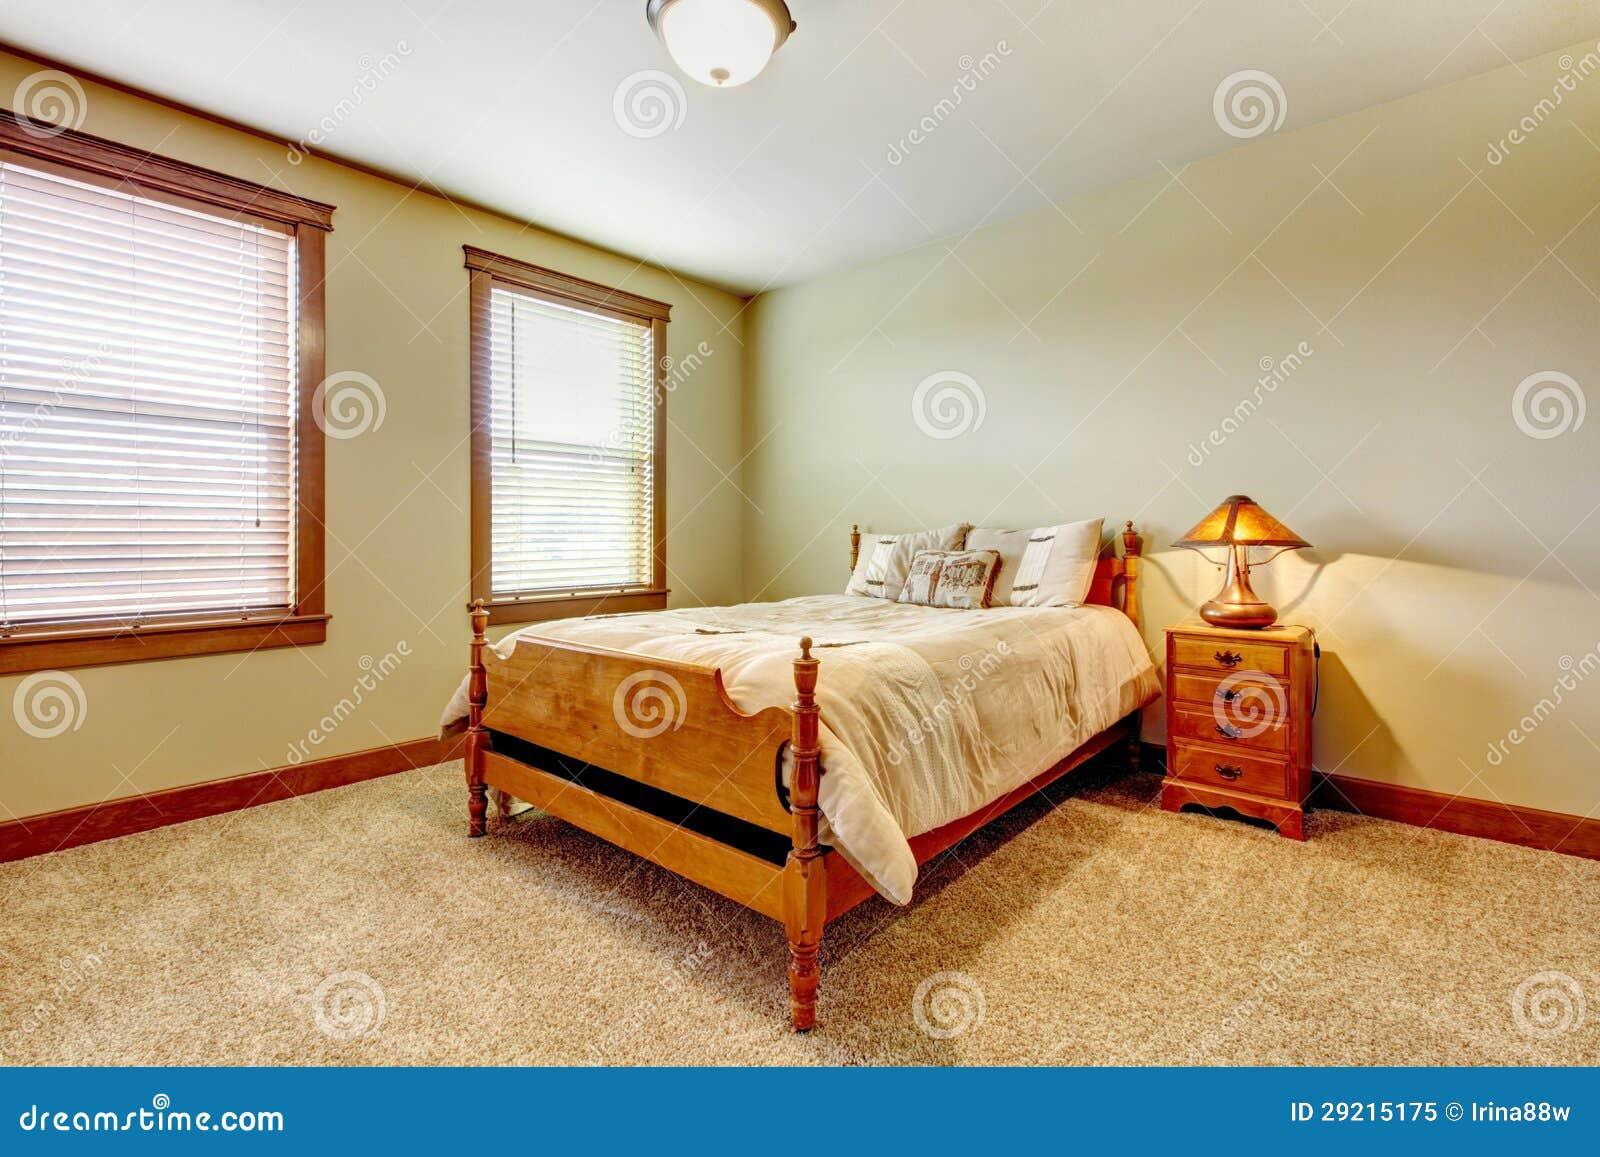 Pareti Color Tortora Beige : Pareti color tortora beige. cheap pareti arredi e non solo il color